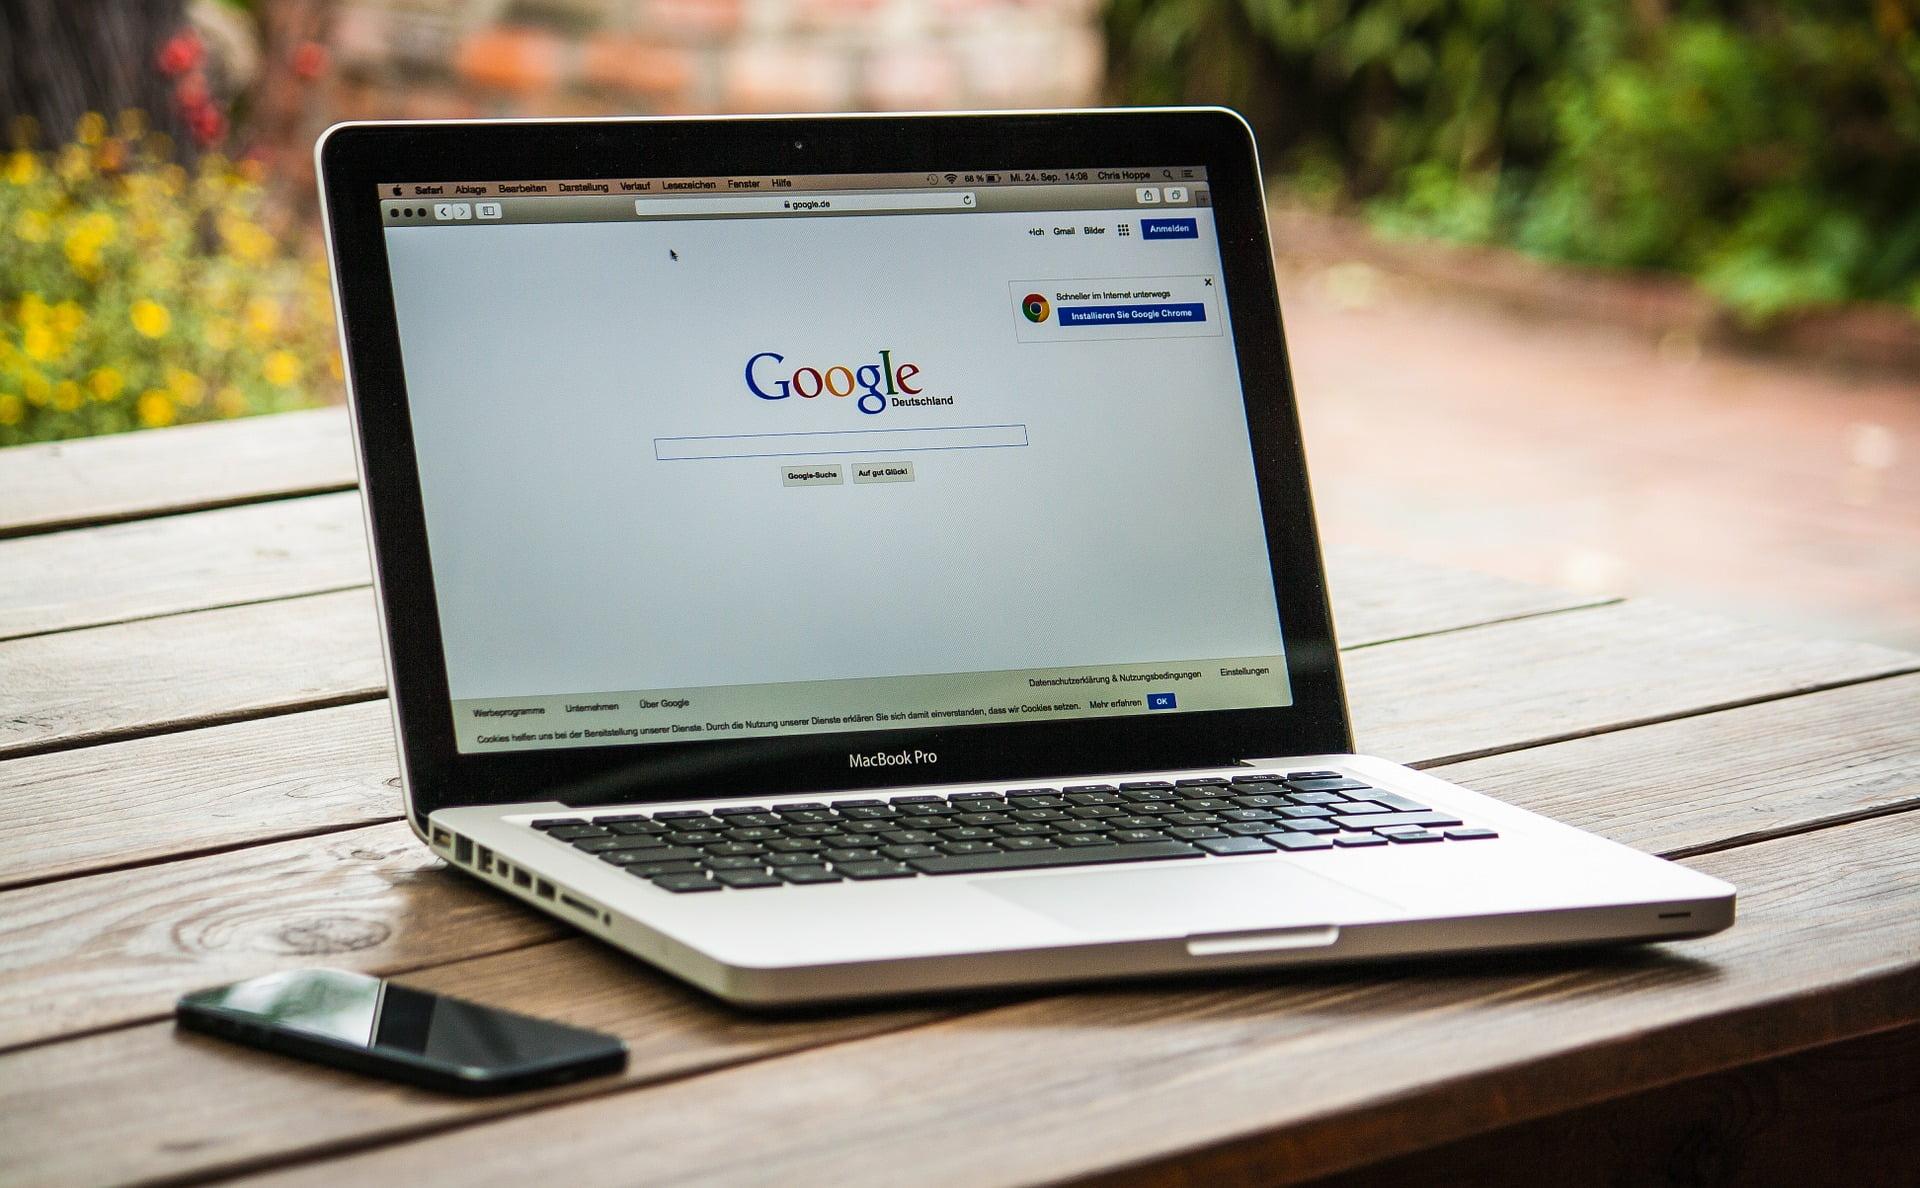 Macbook con Google